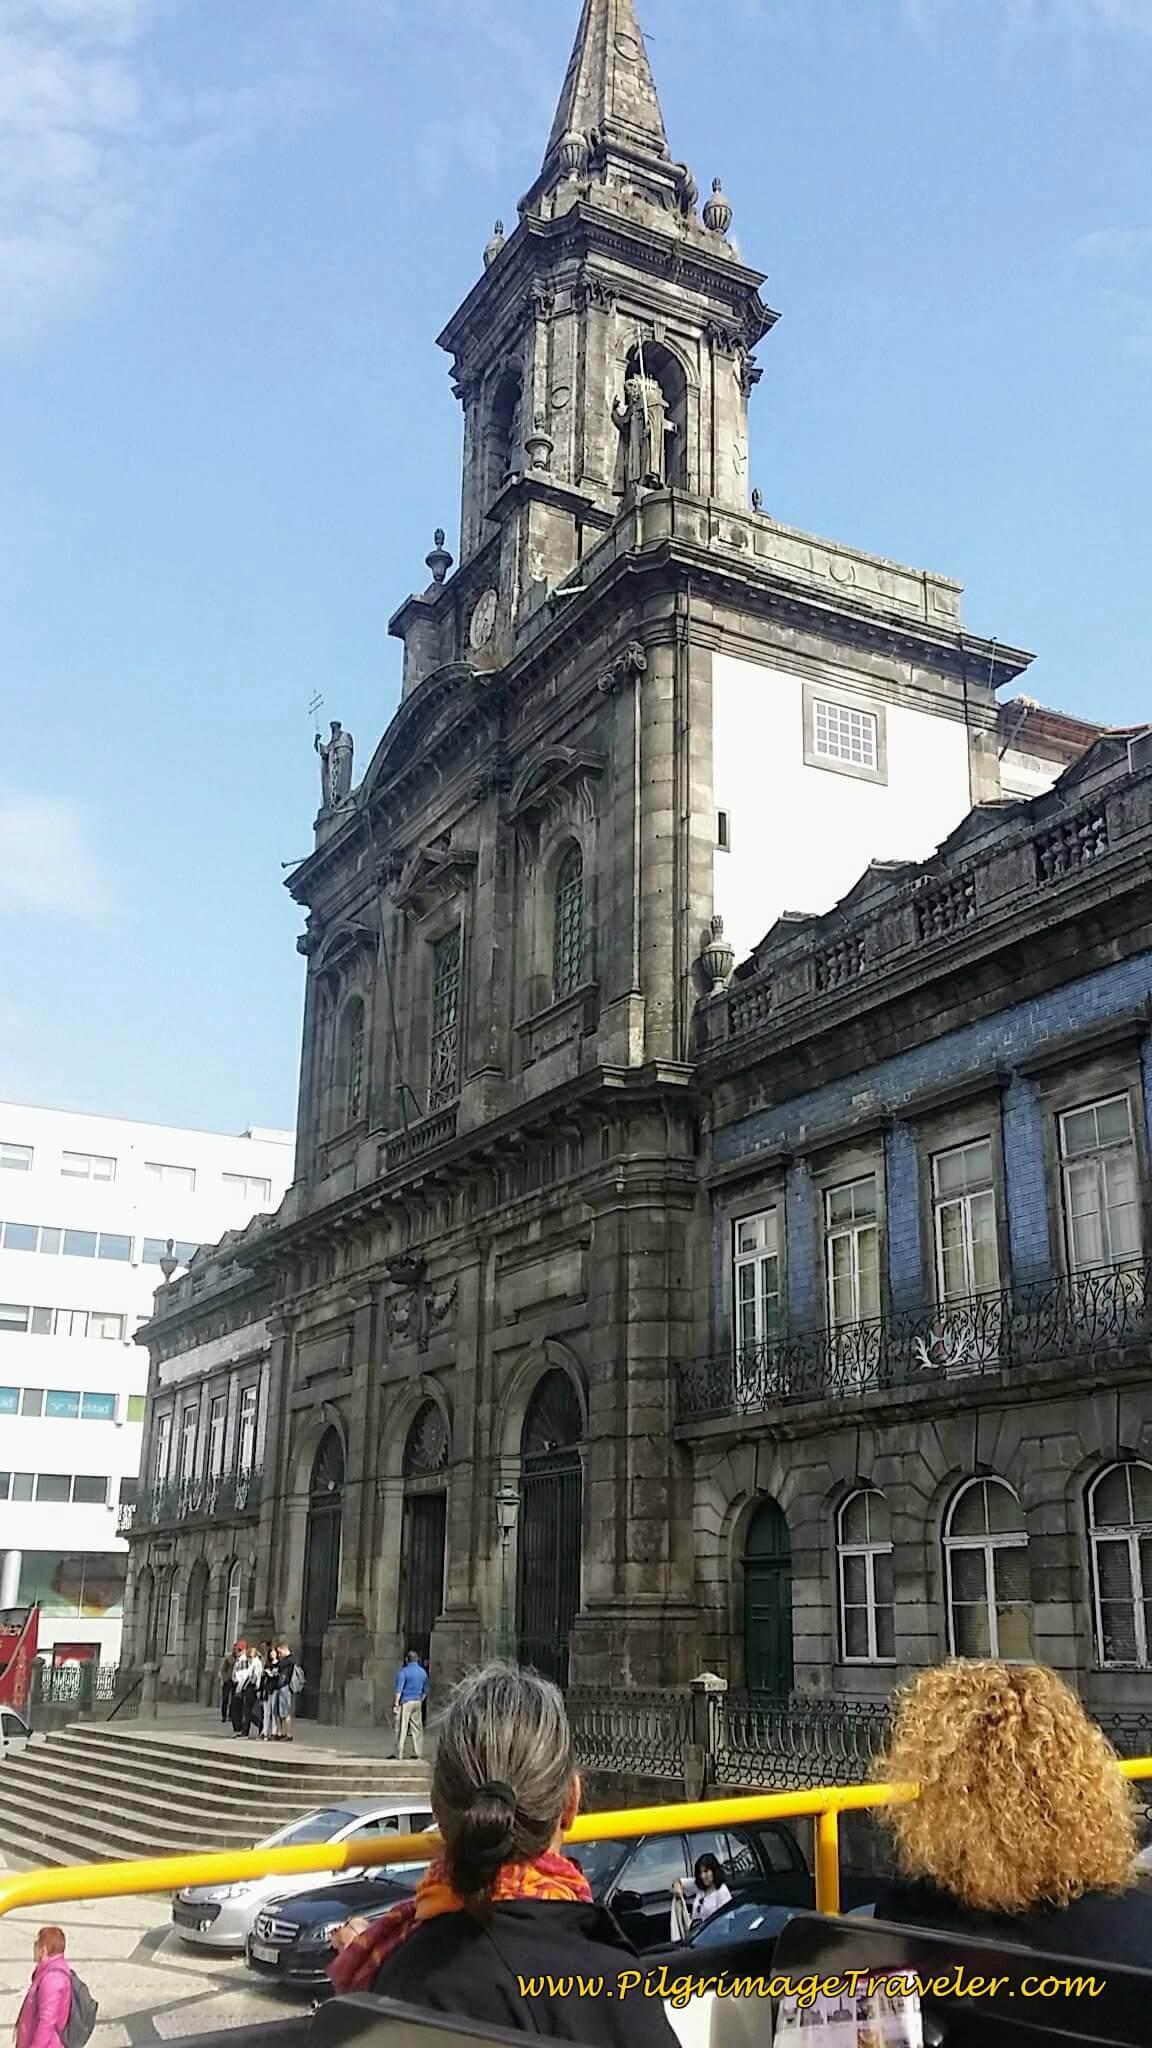 Igreja da Santissima Trinidade in Porto, Portugal